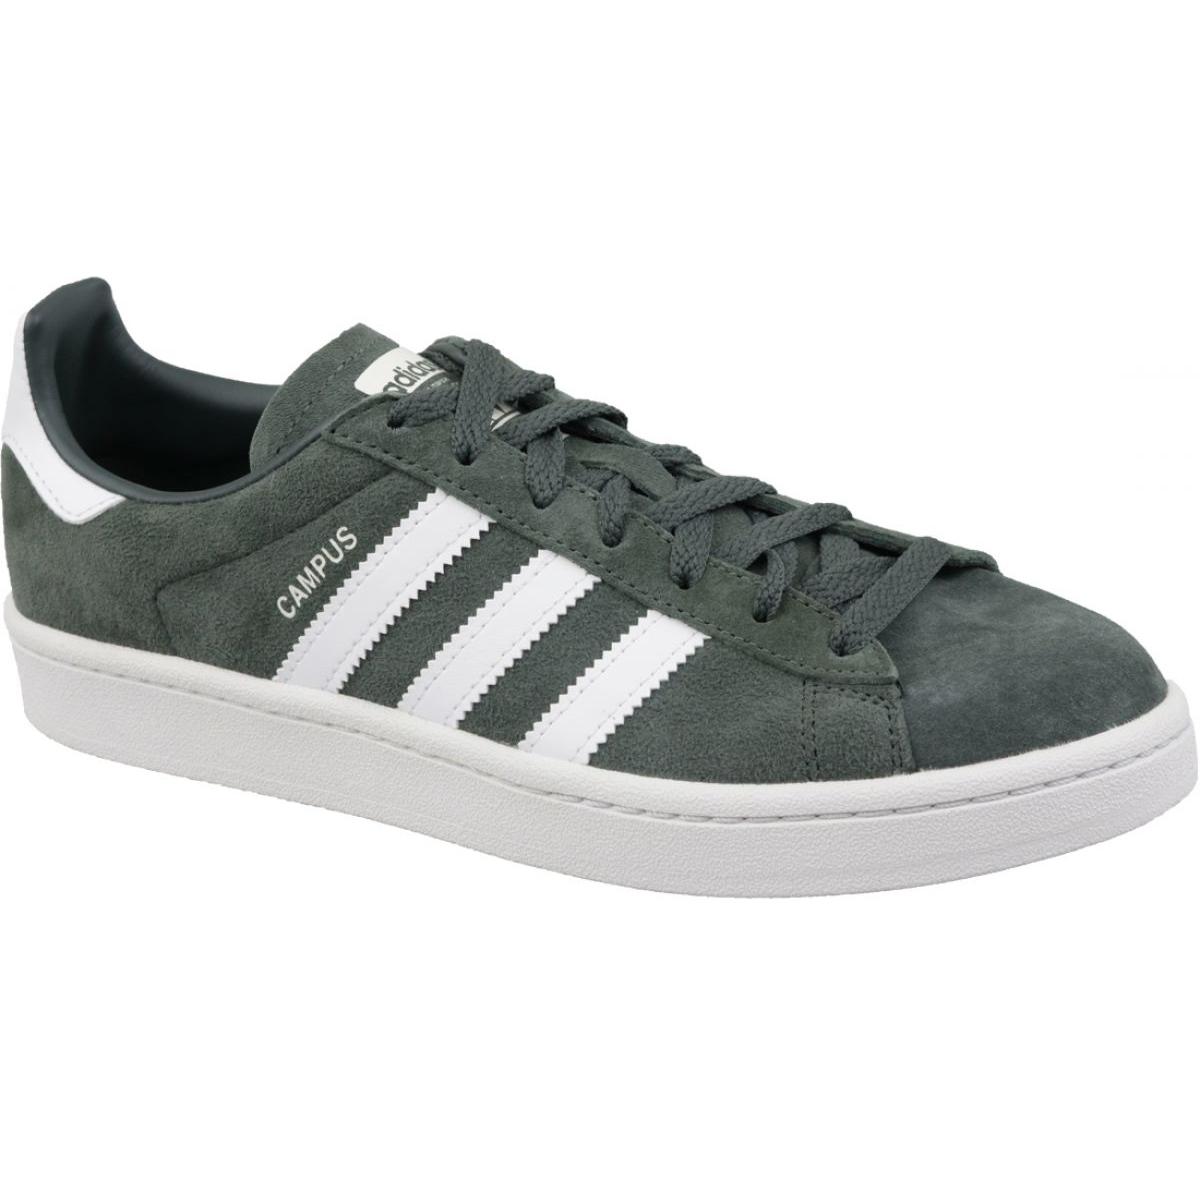 97e33d6530 Verde Scarpe Adidas Campus M CM8445